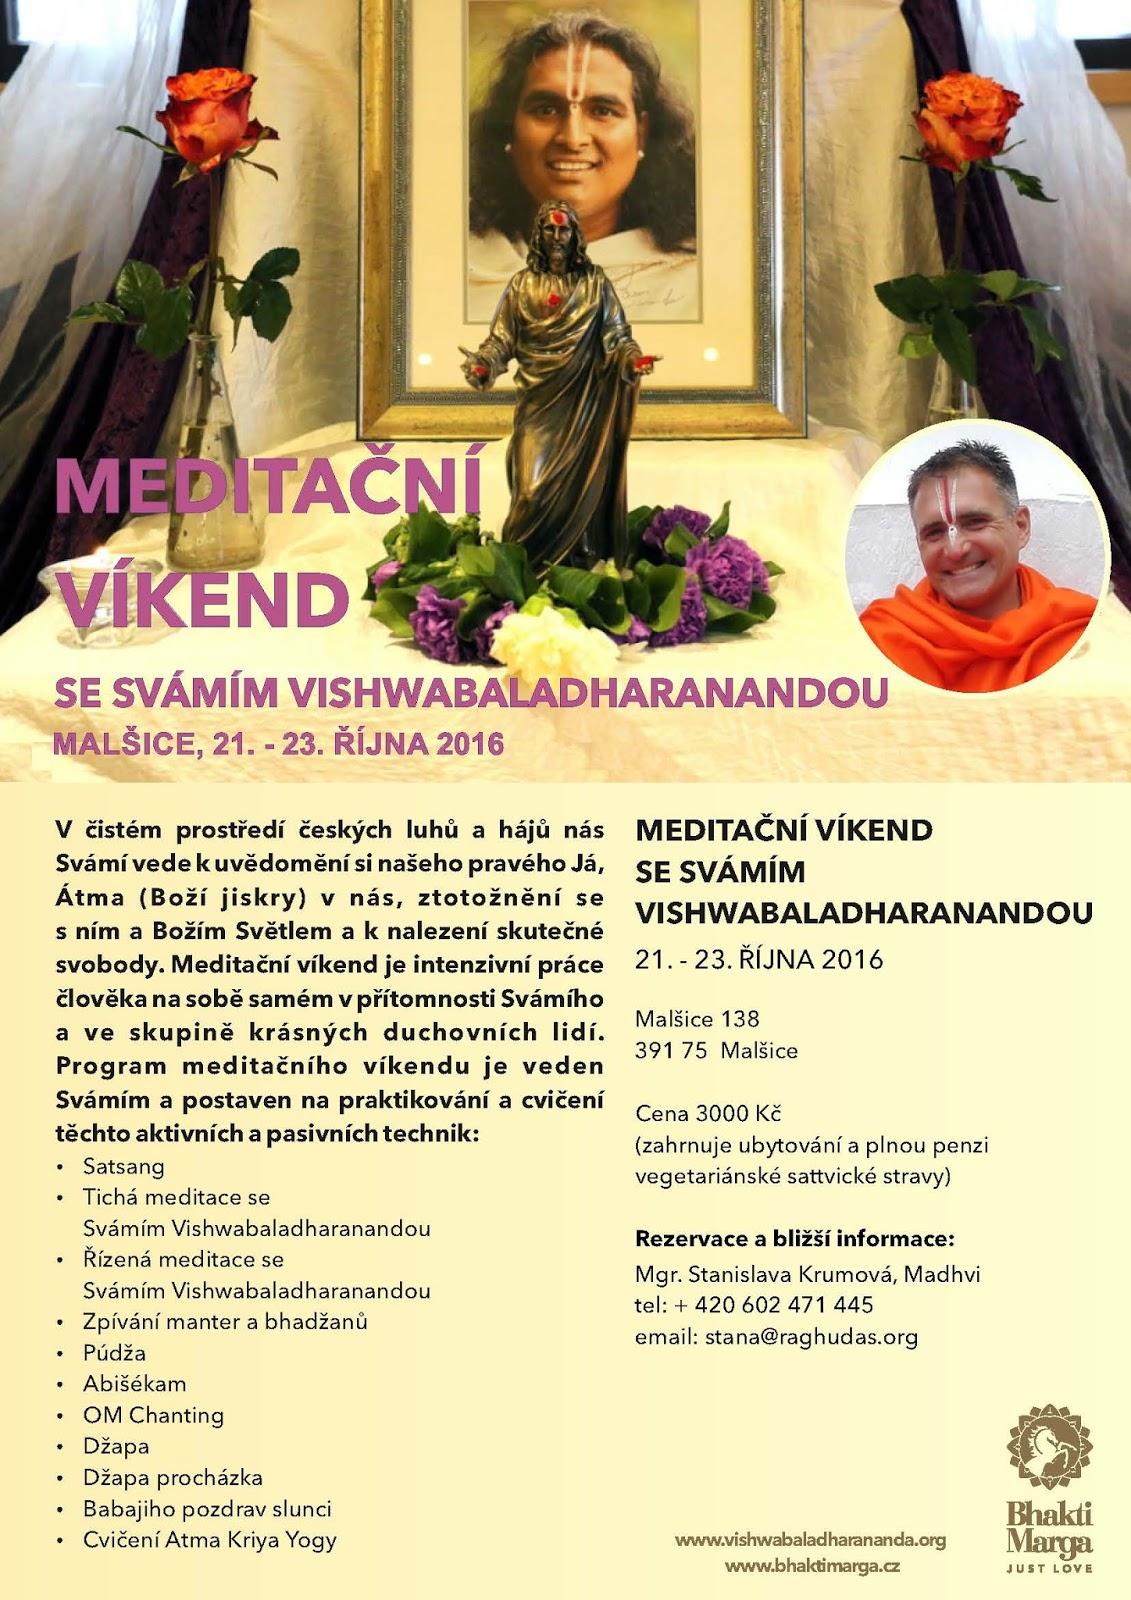 Meditační víkend se Svámím Vishwabaladharanandou